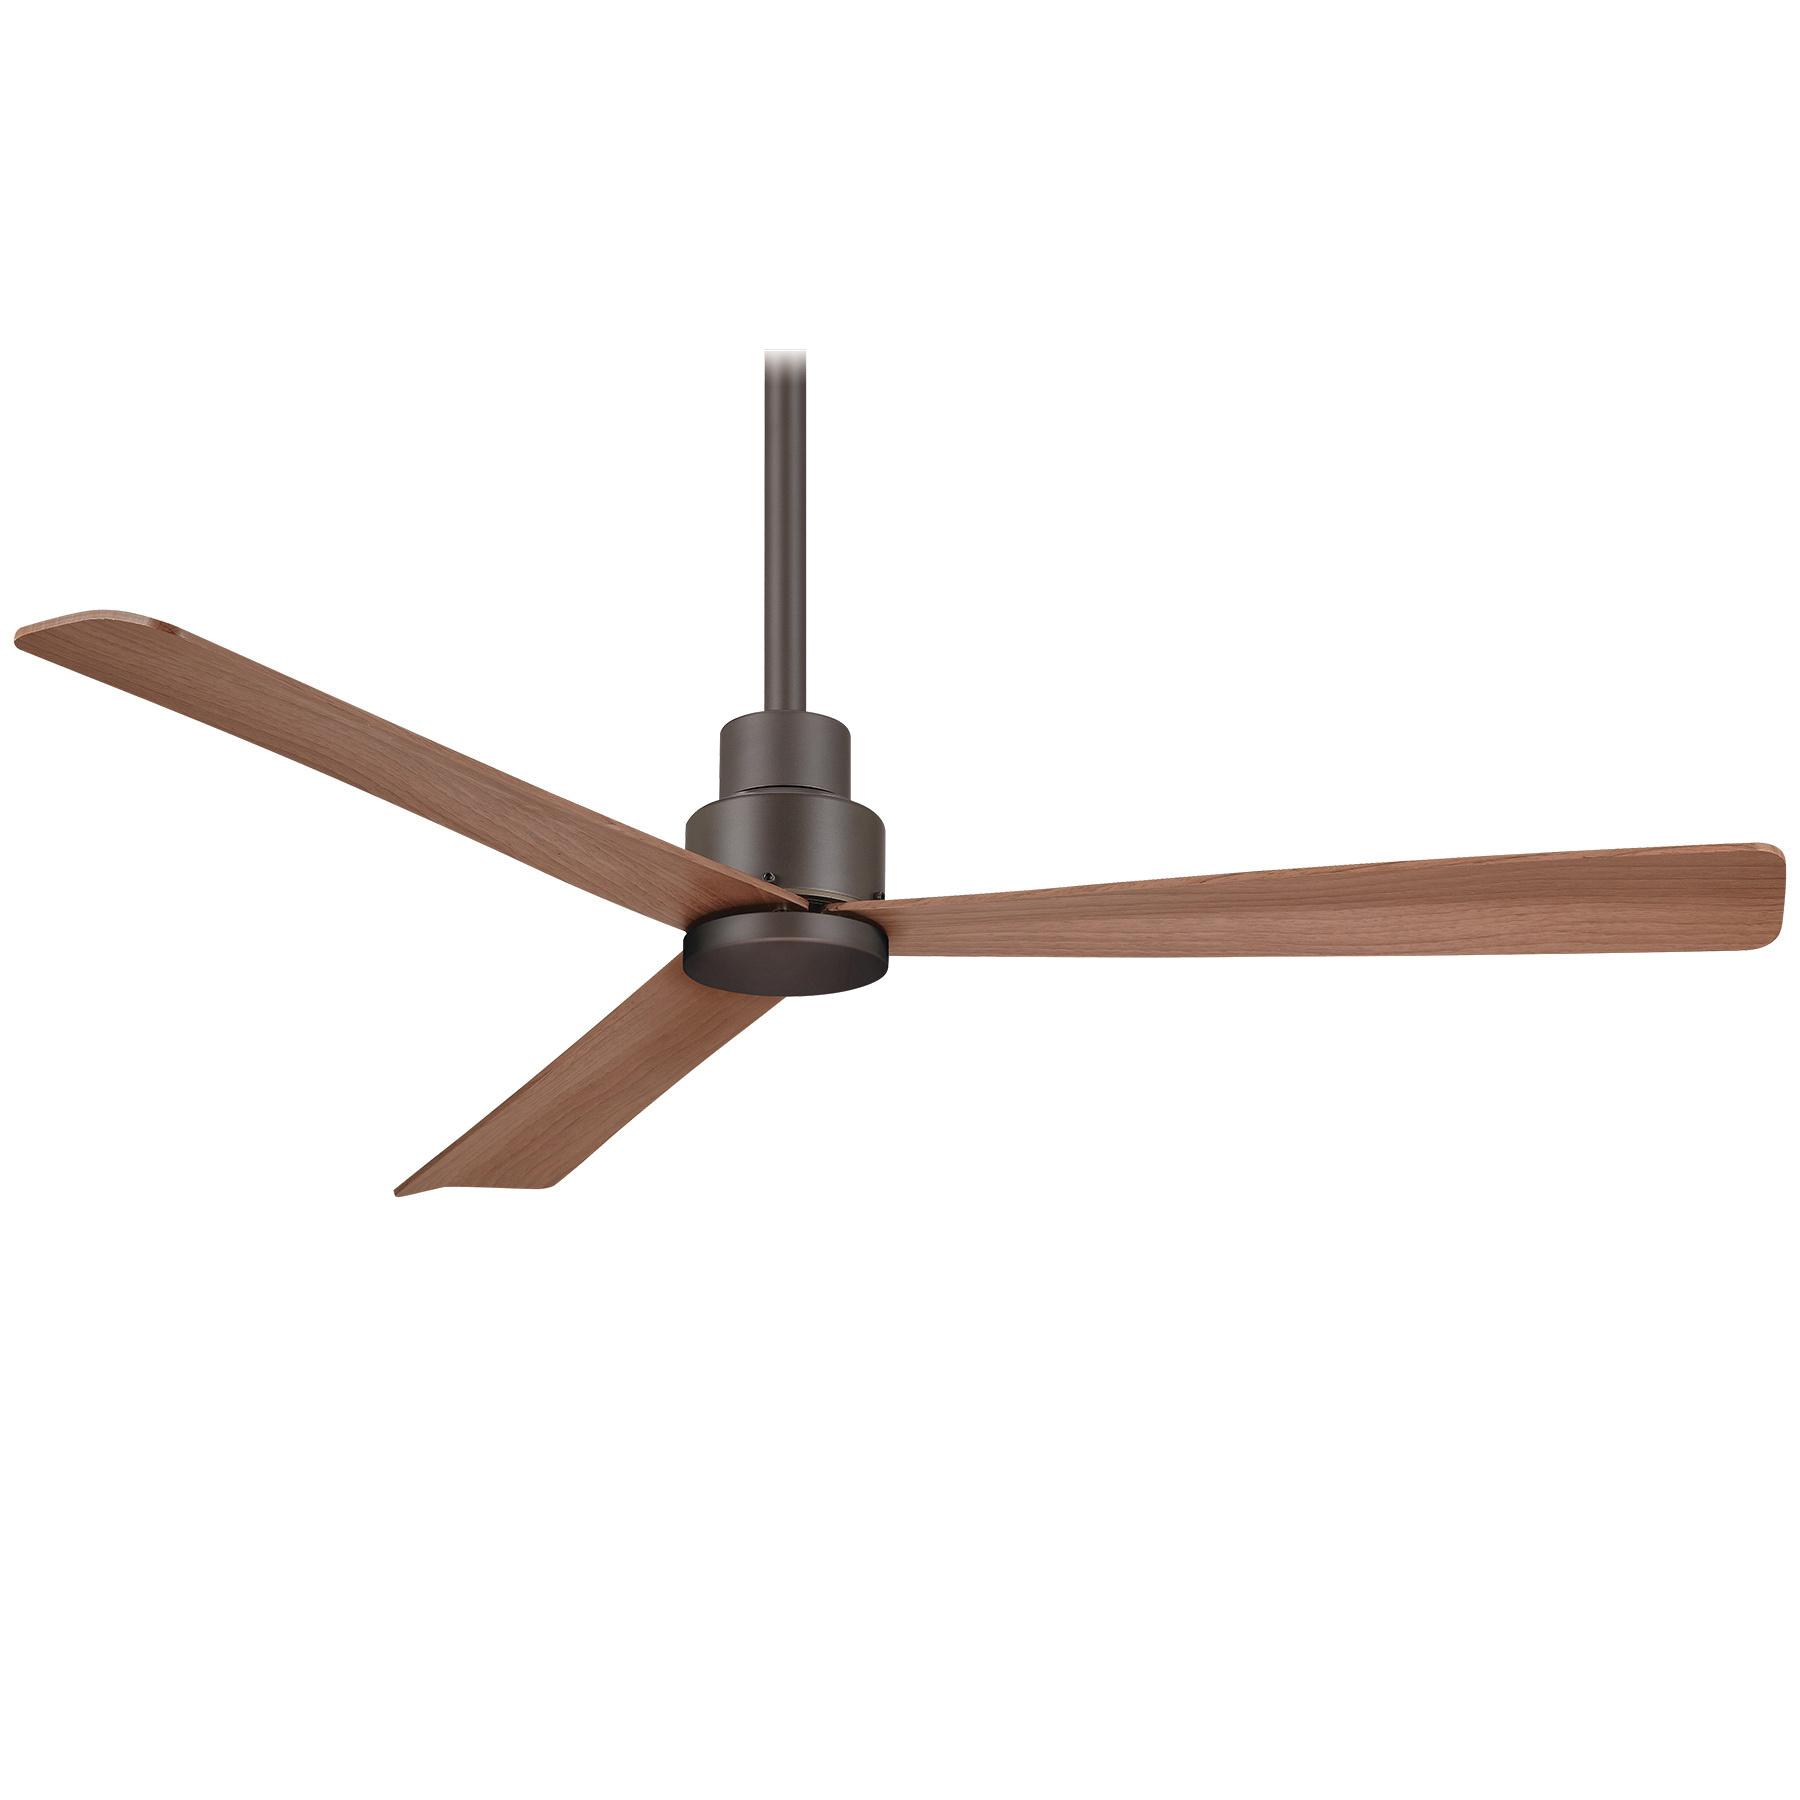 Minka Aire F786 Orb Modern Ceiling Fan